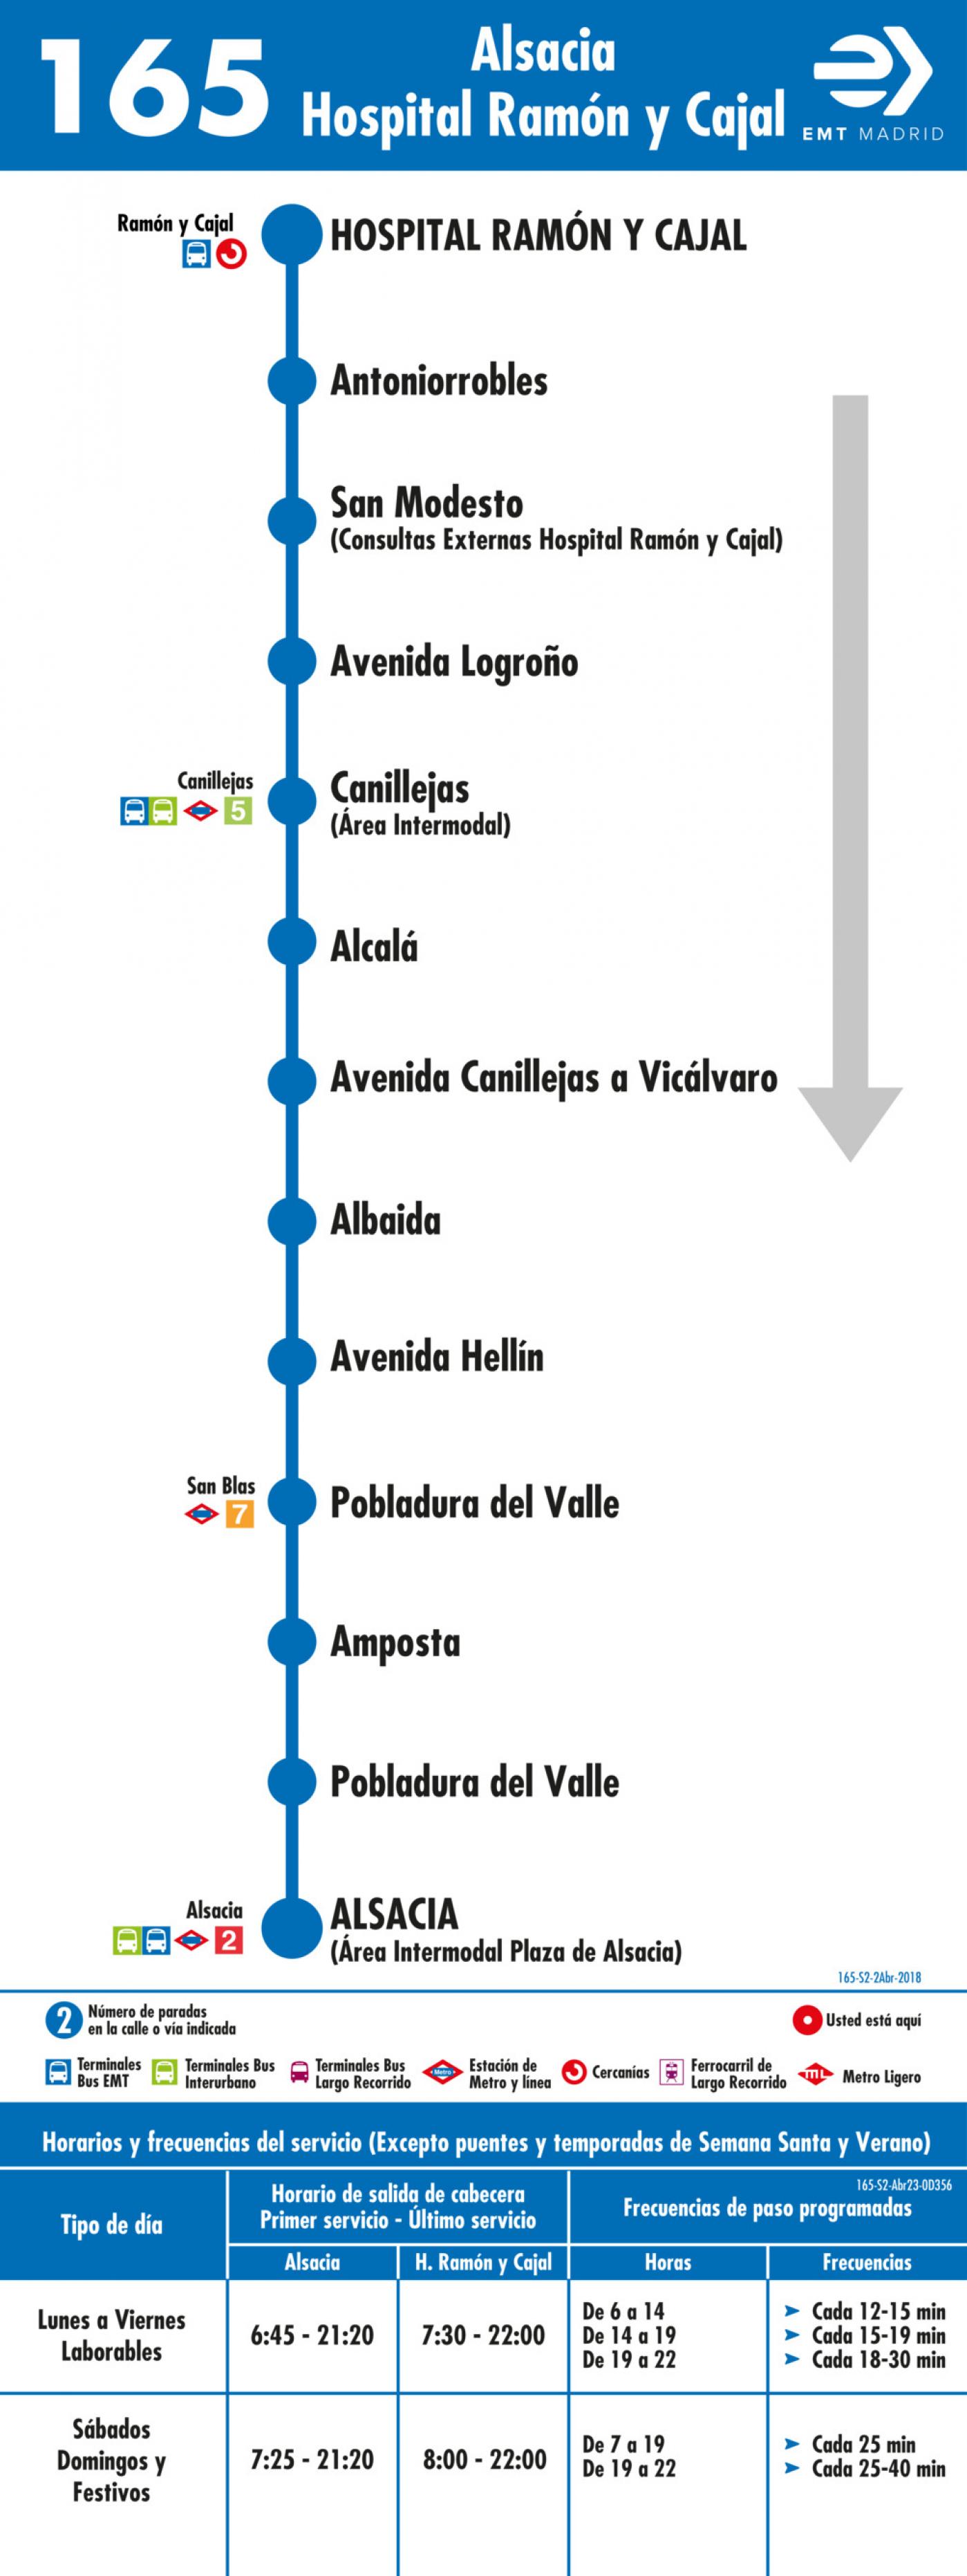 Tabla de horarios y frecuencias de paso en sentido vuelta Línea 165: Alsacia - Hospital Ramón y Cajal